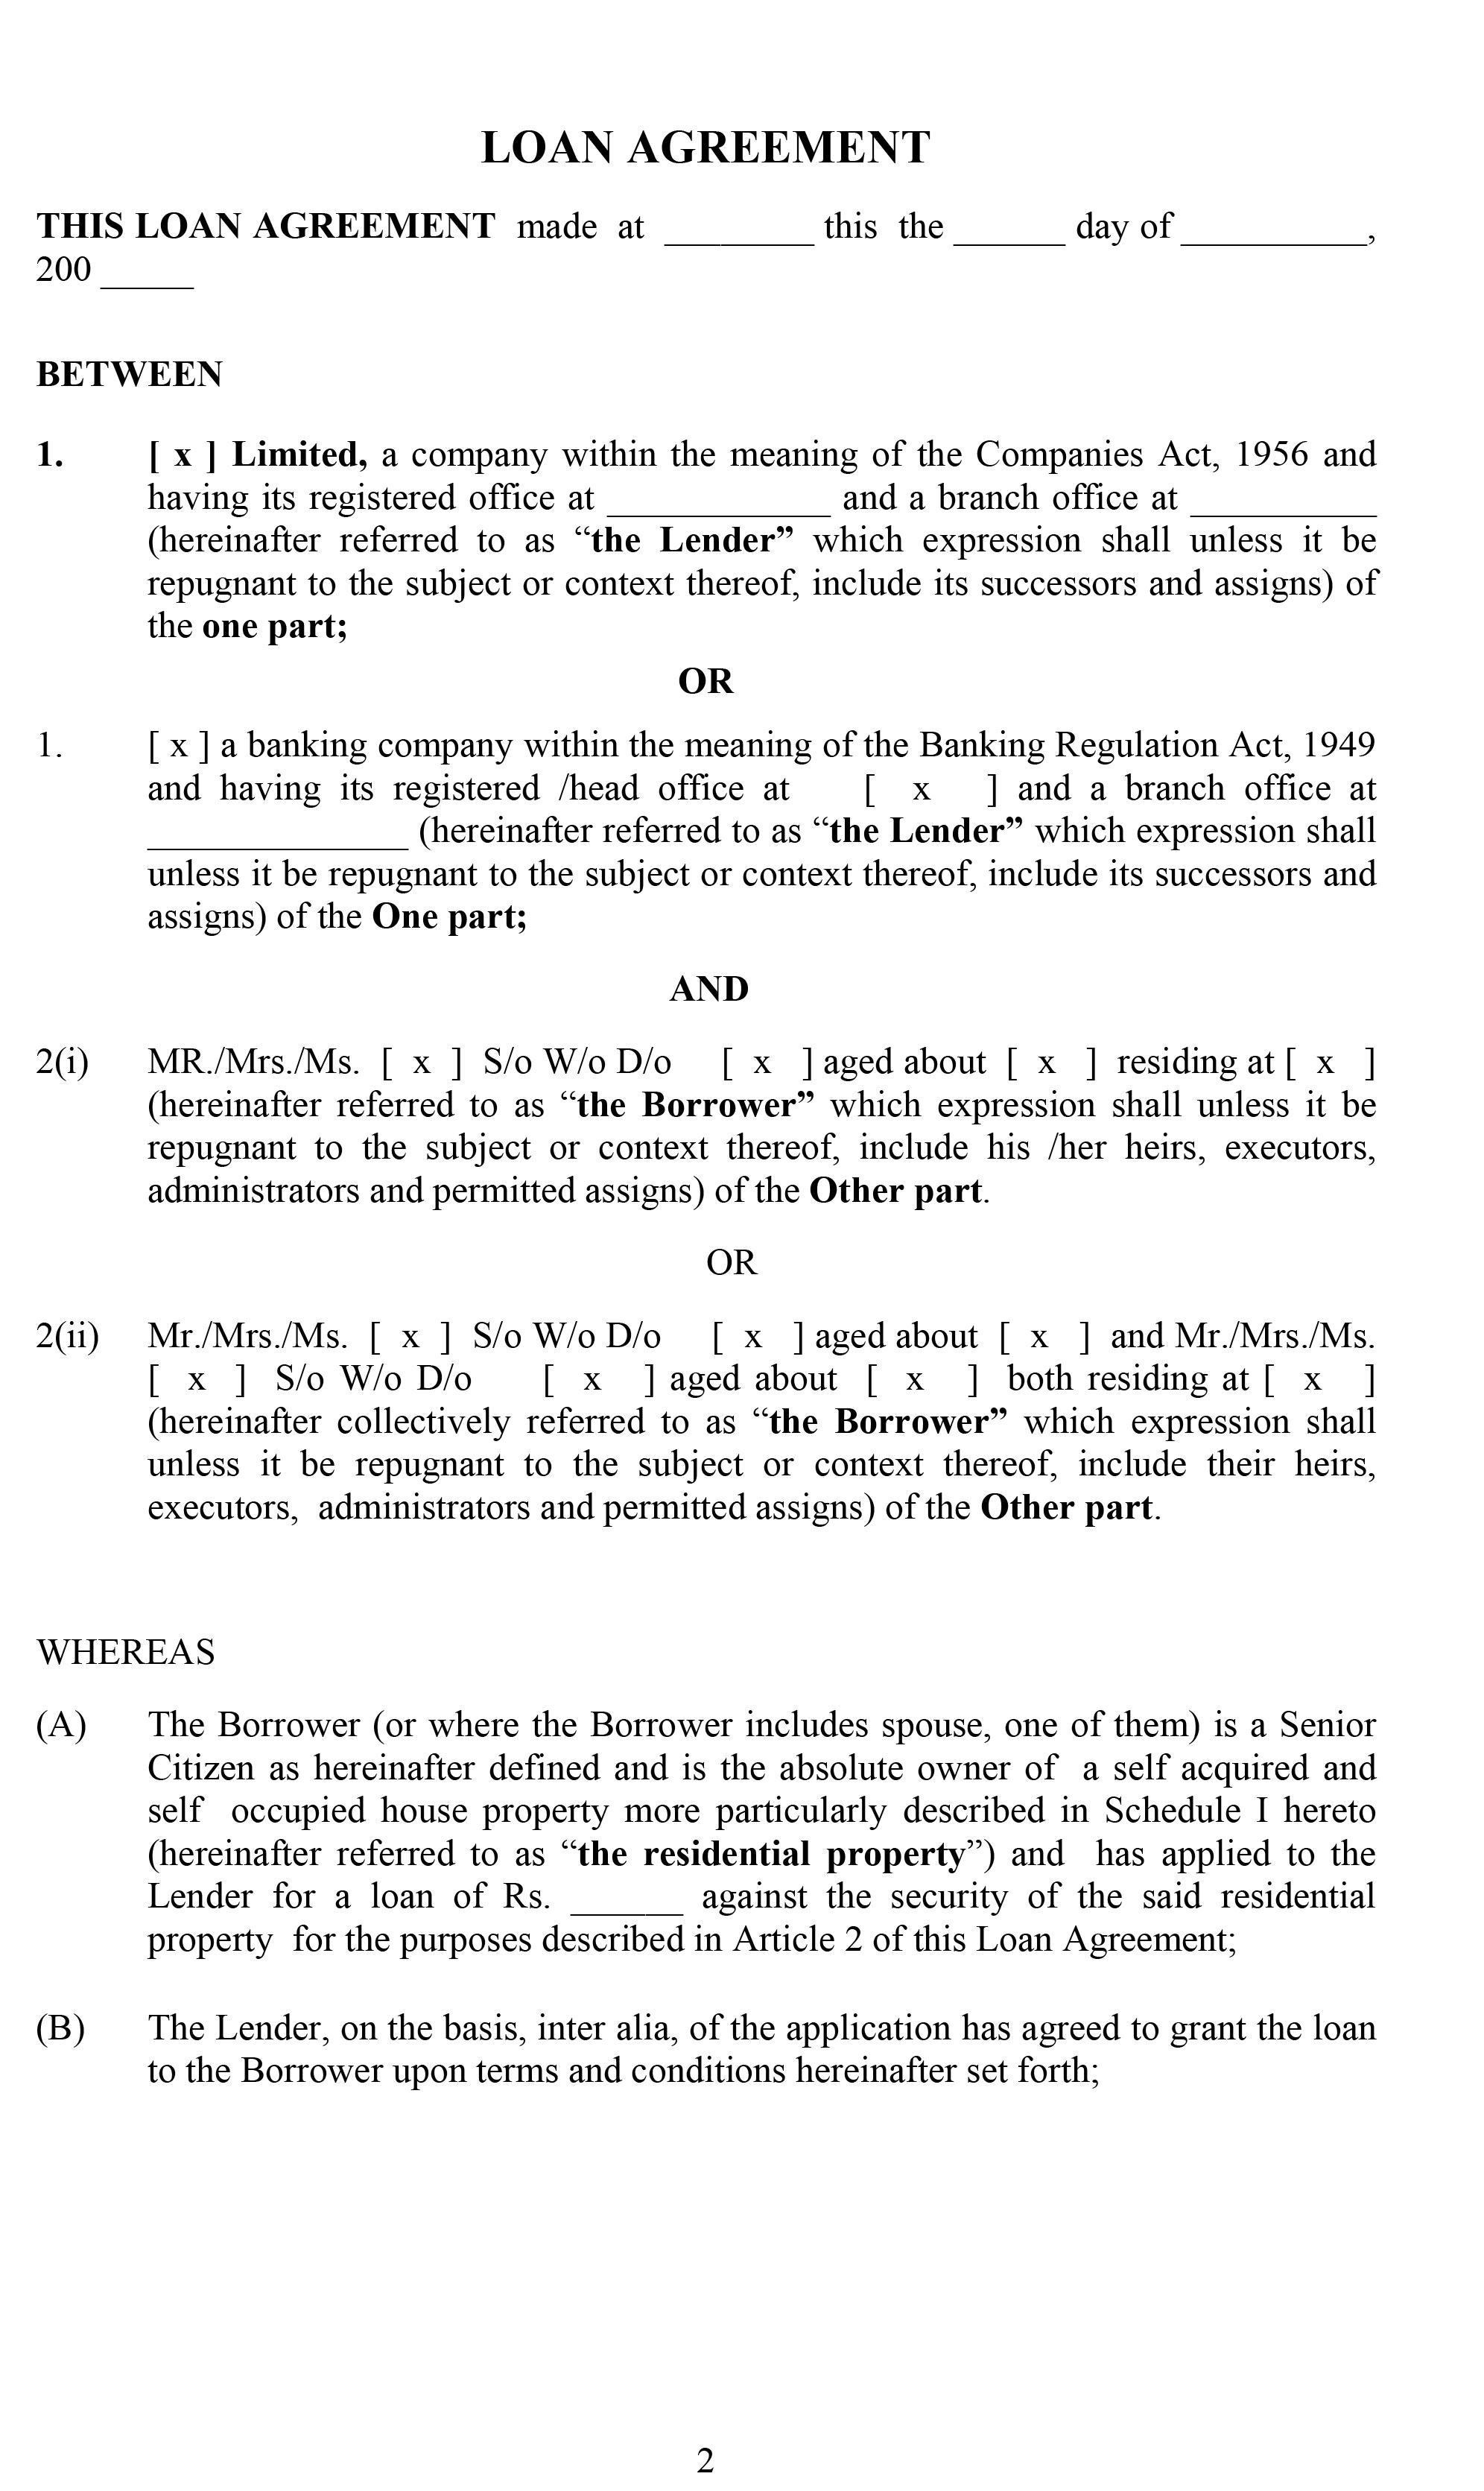 Estate Tax Proposal